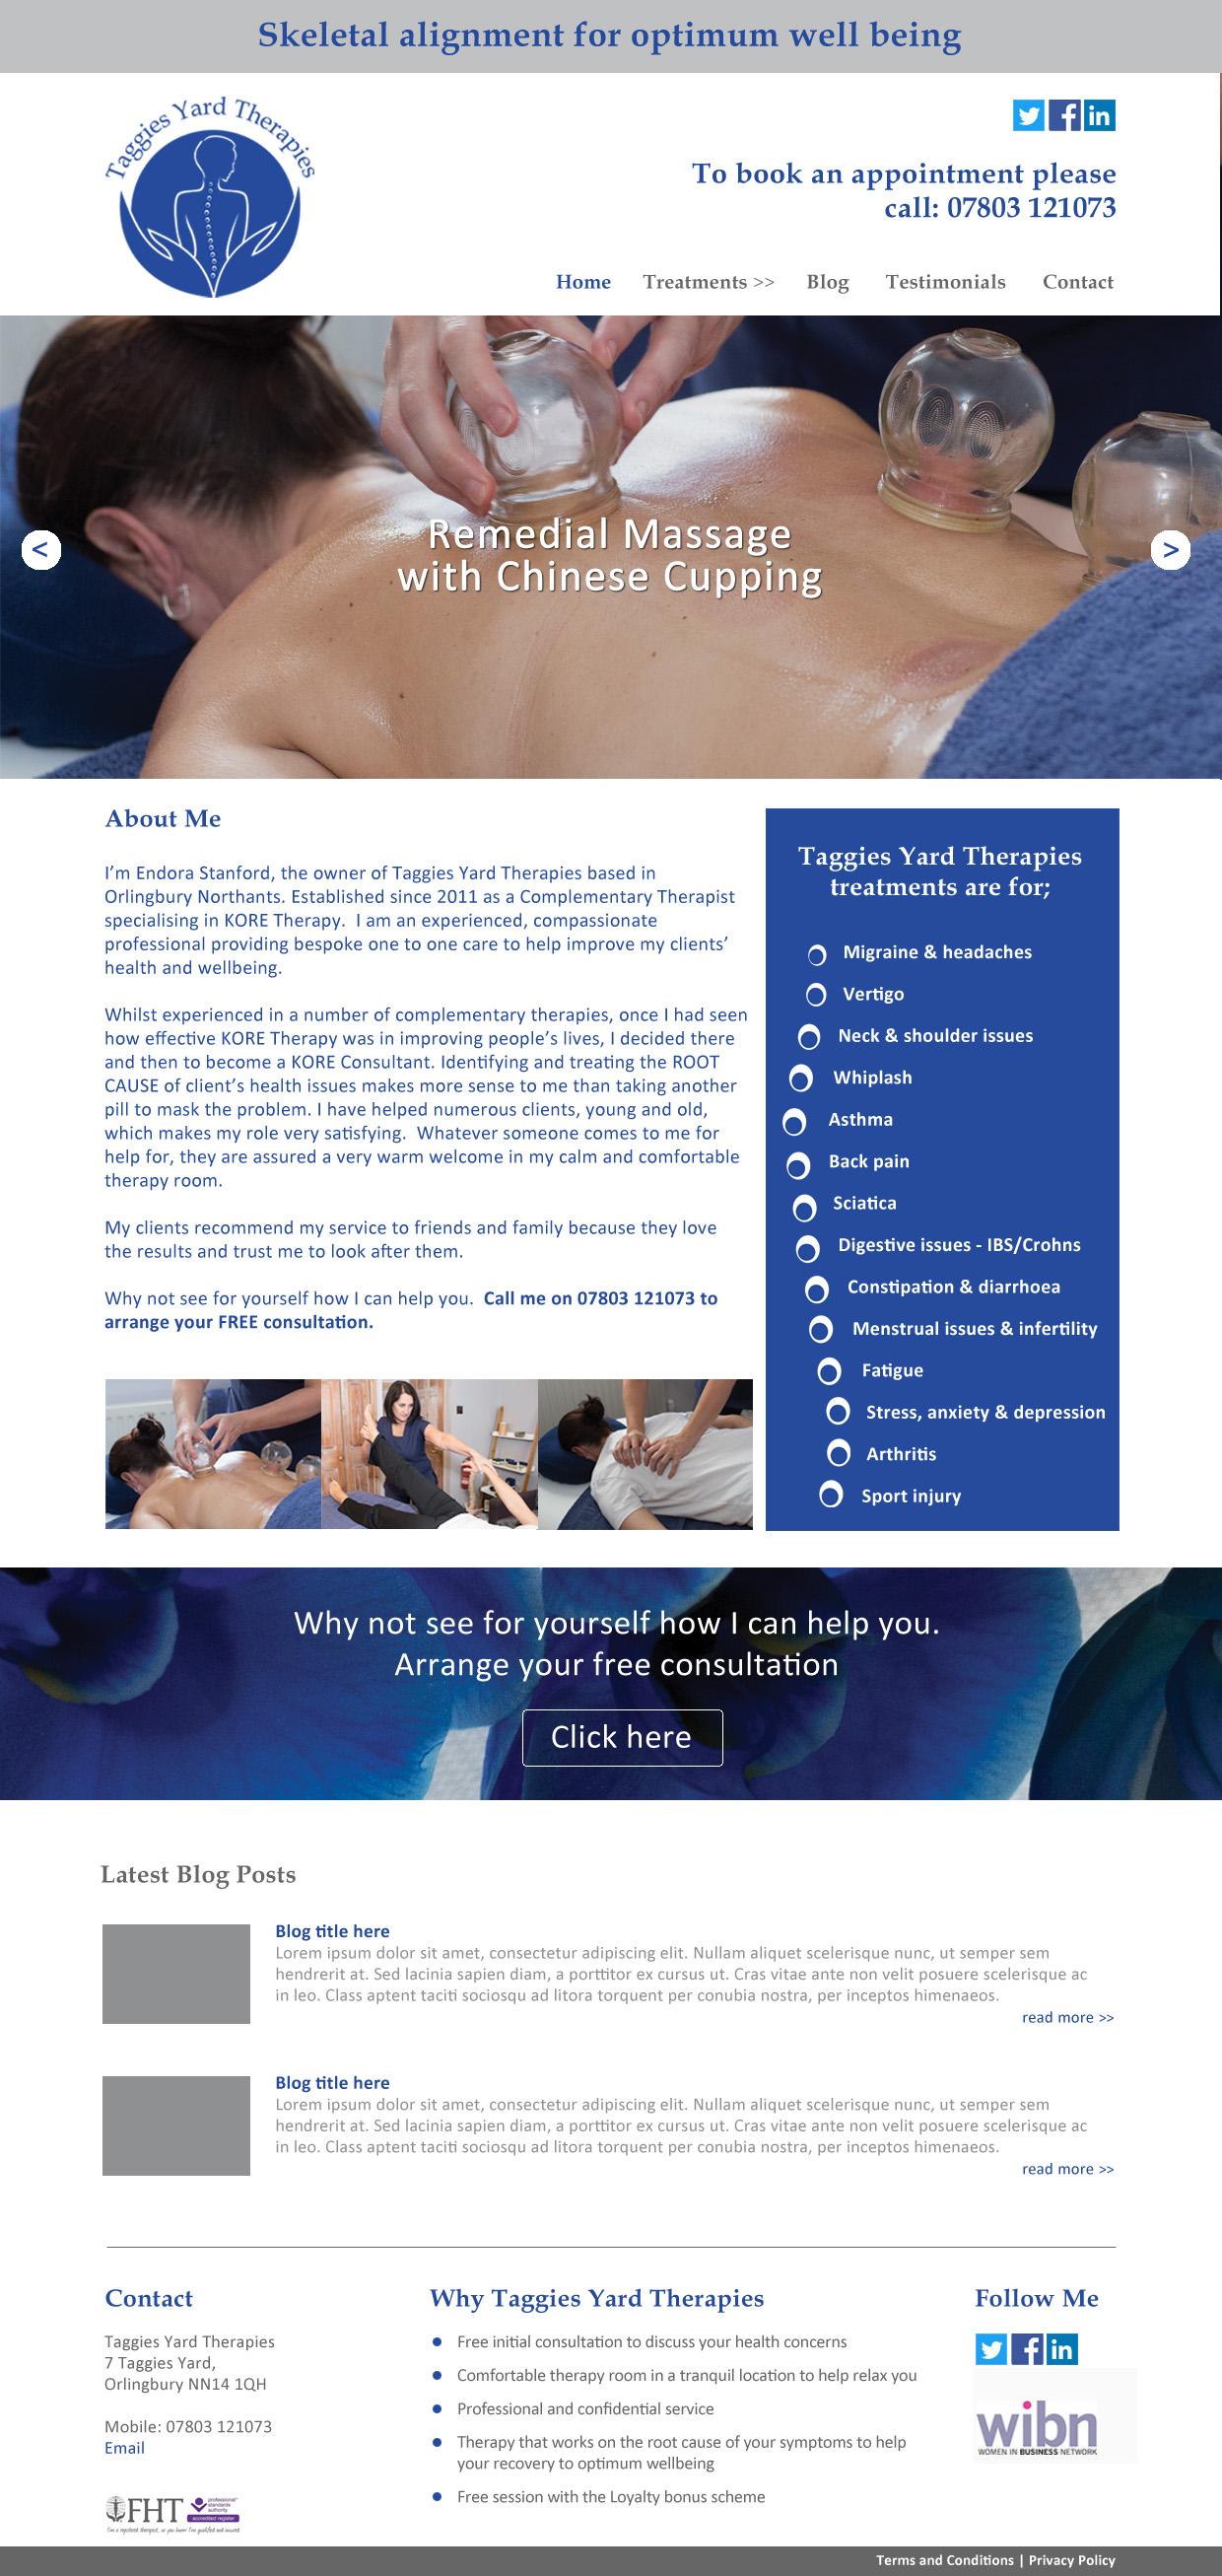 Taggies Yard Therapies web design